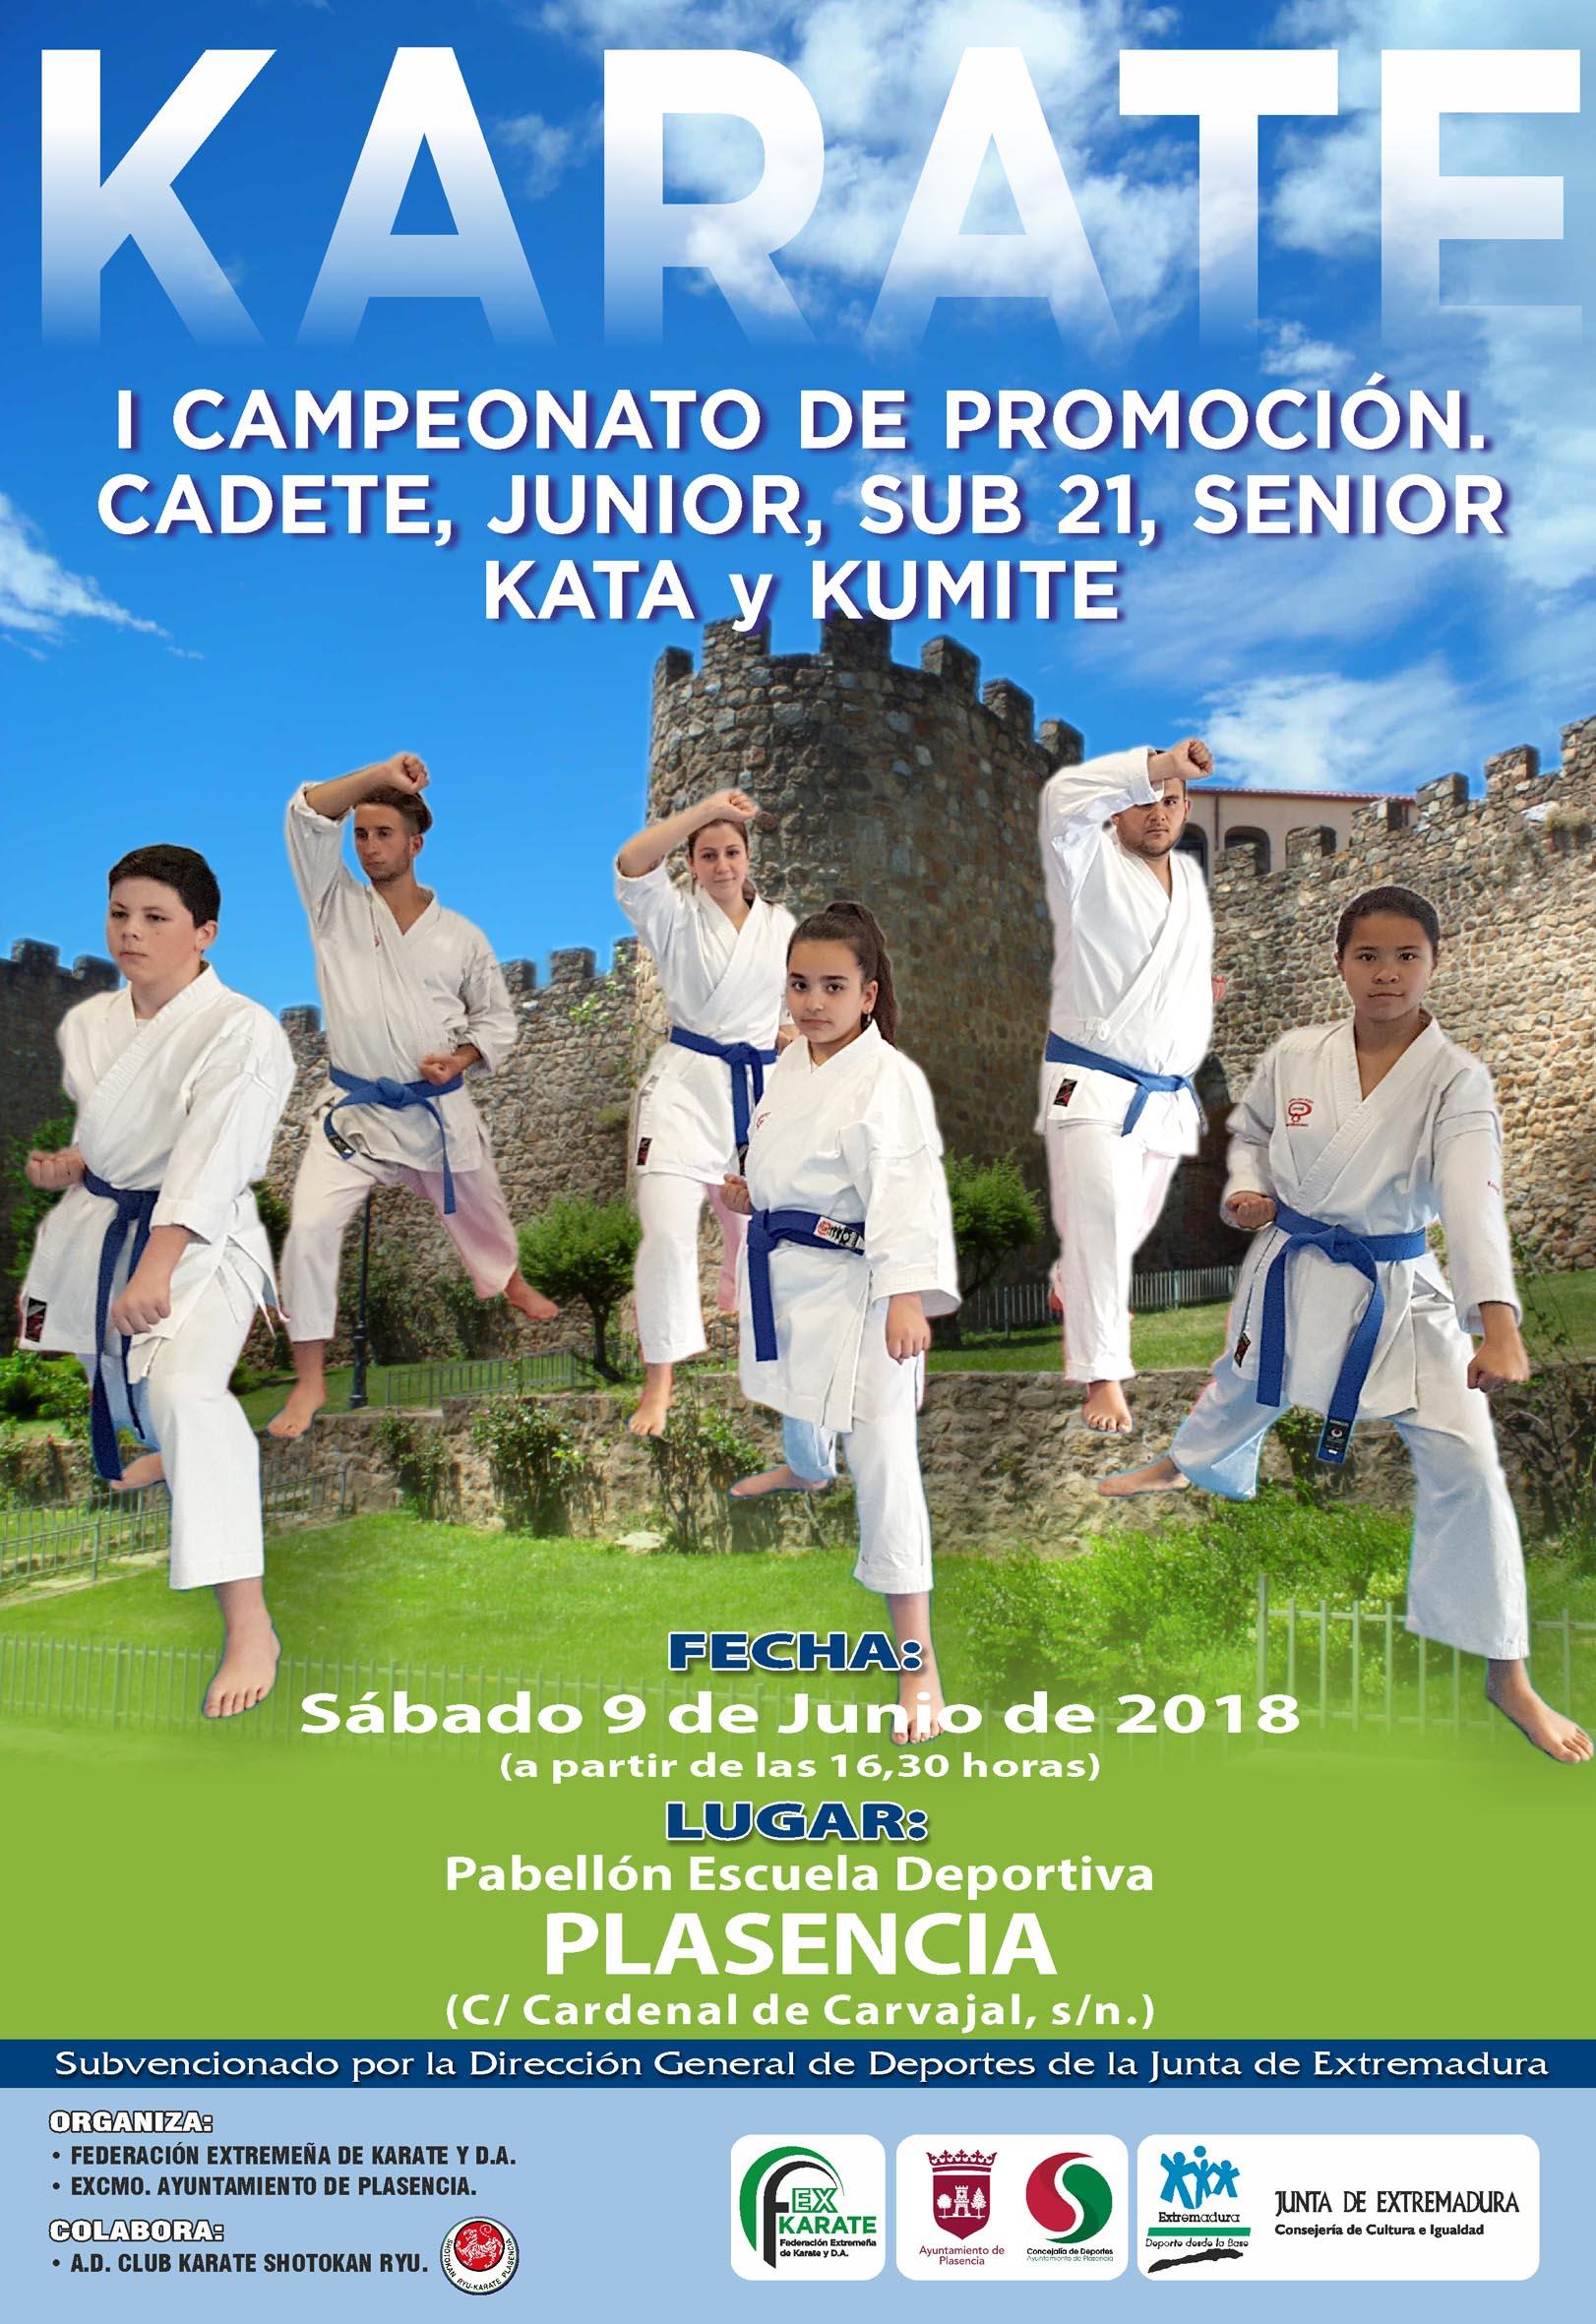 Campeonato de Promoción Cad-Jun-S21-Sen 2018